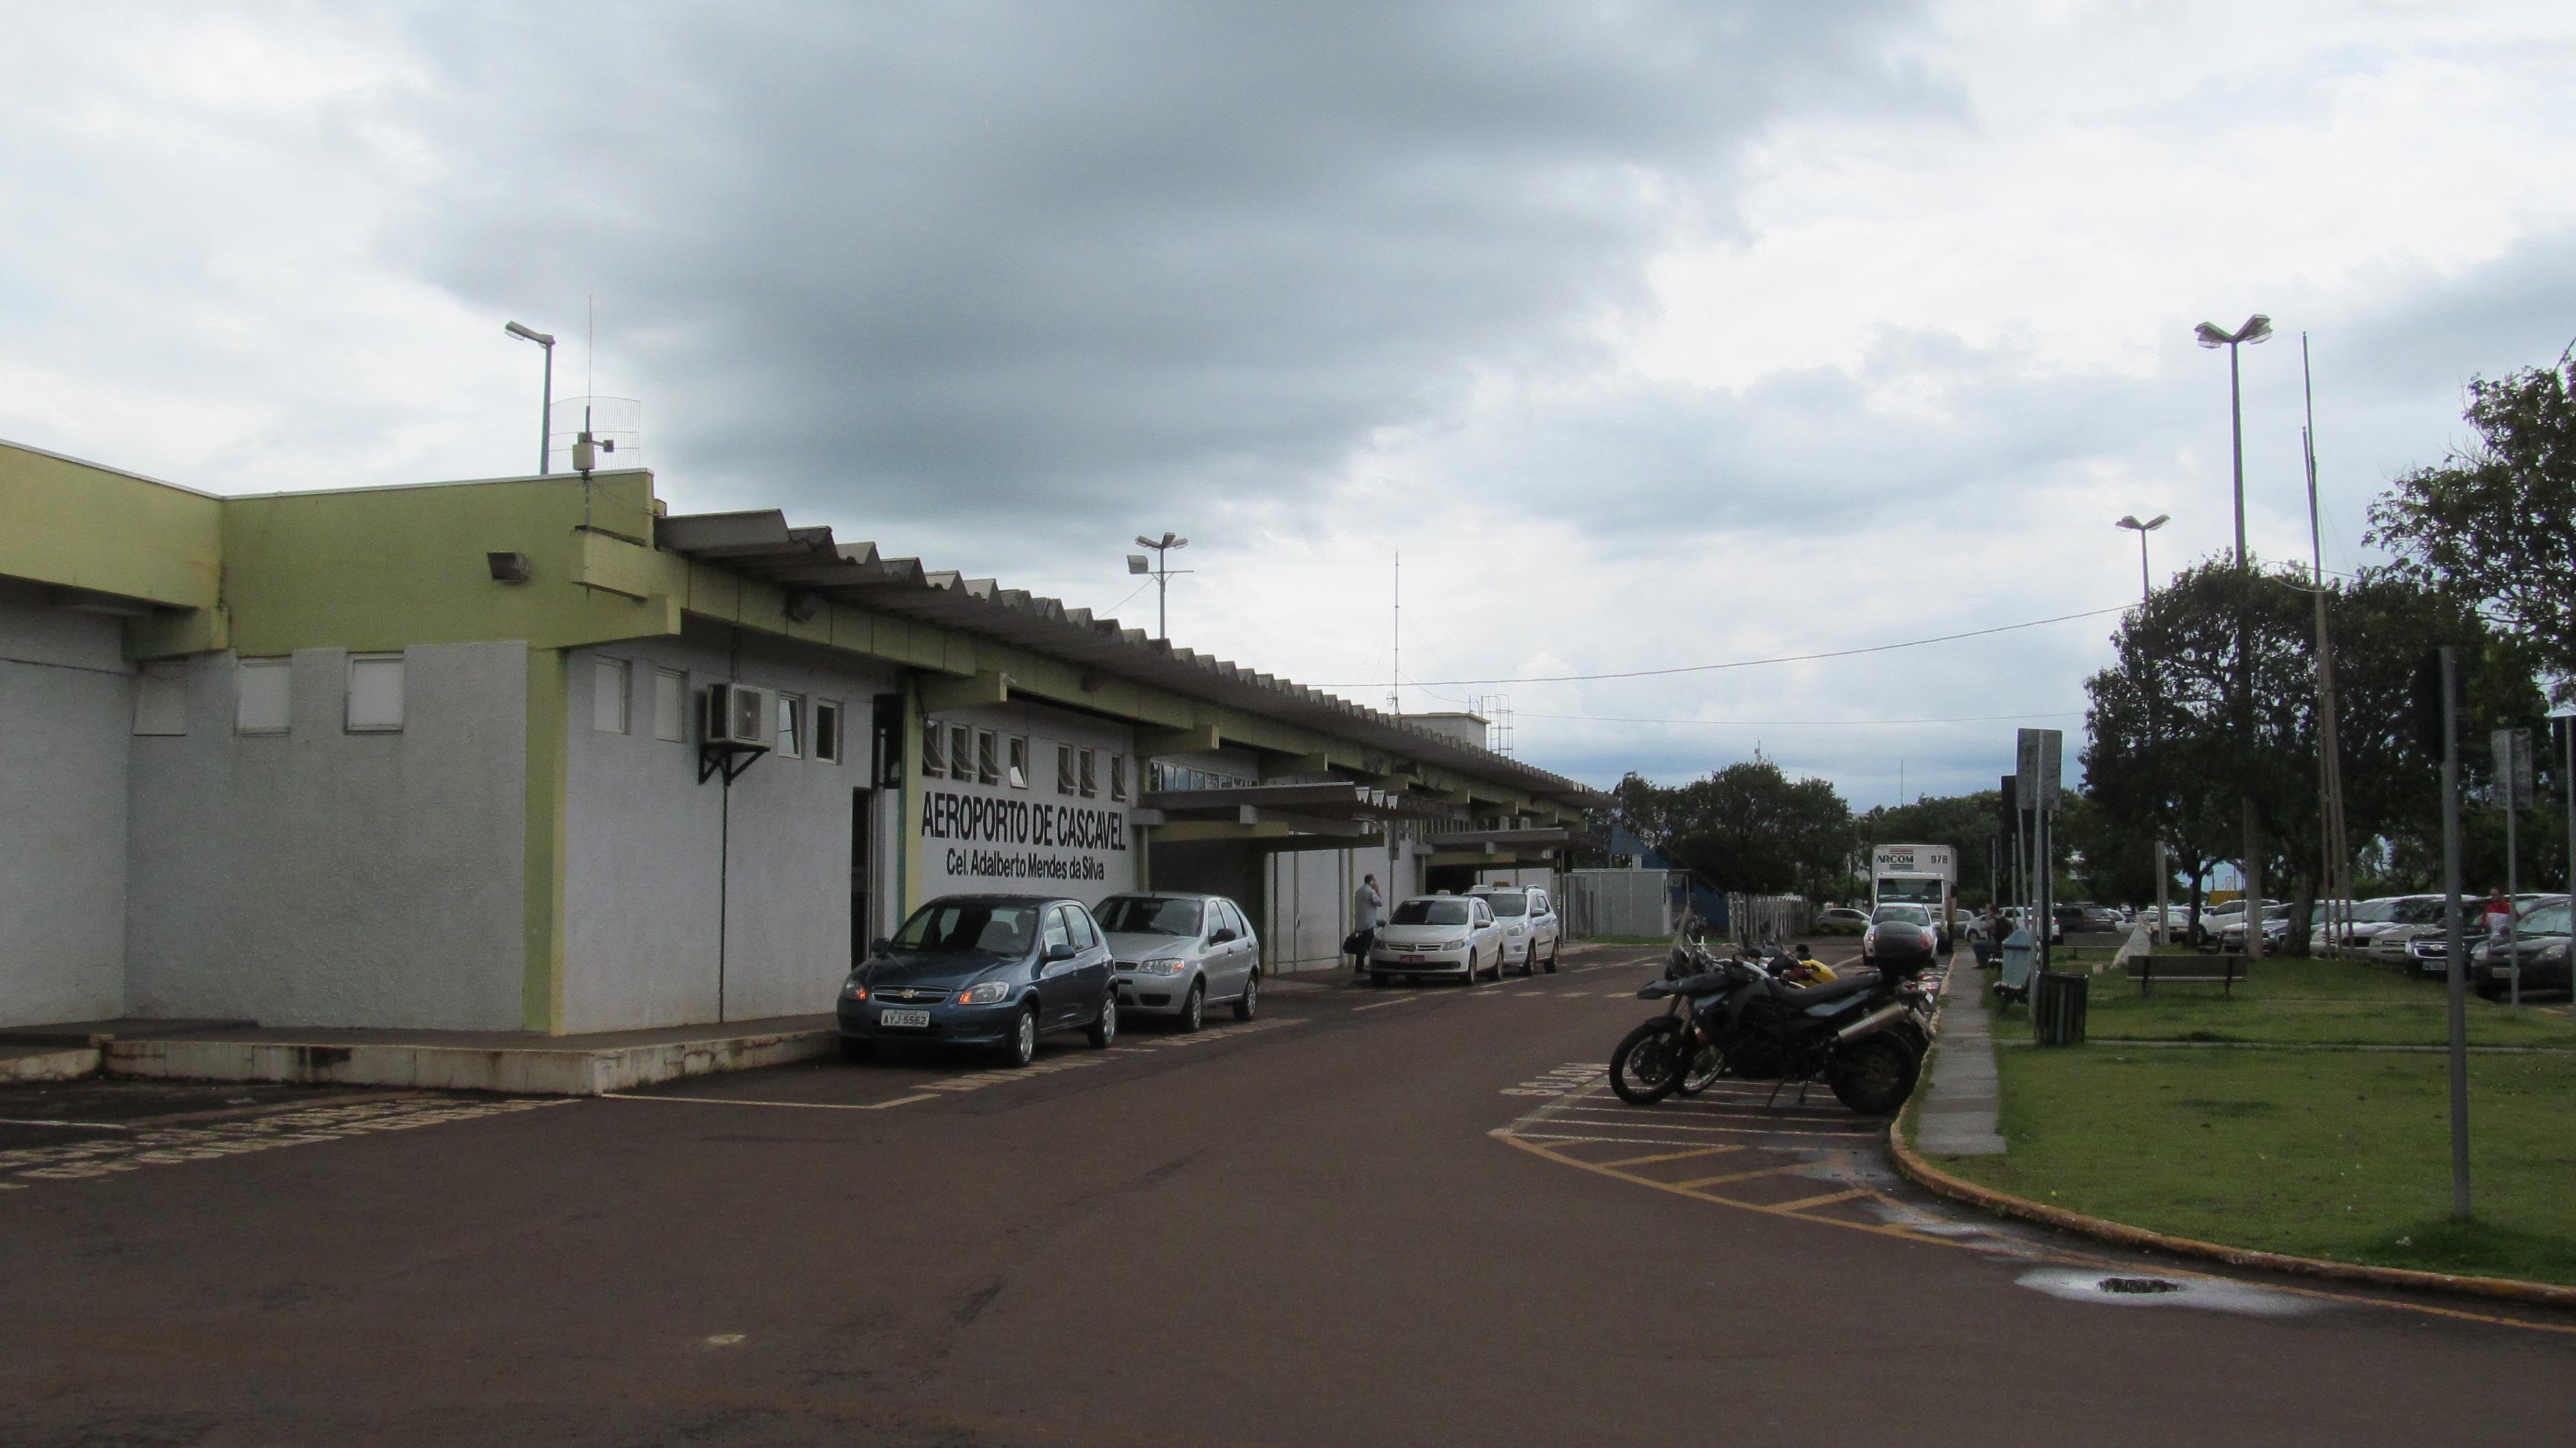 11c0a7742b3b Aeroporto de Cascavel – Wikipédia, a enciclopédia livre